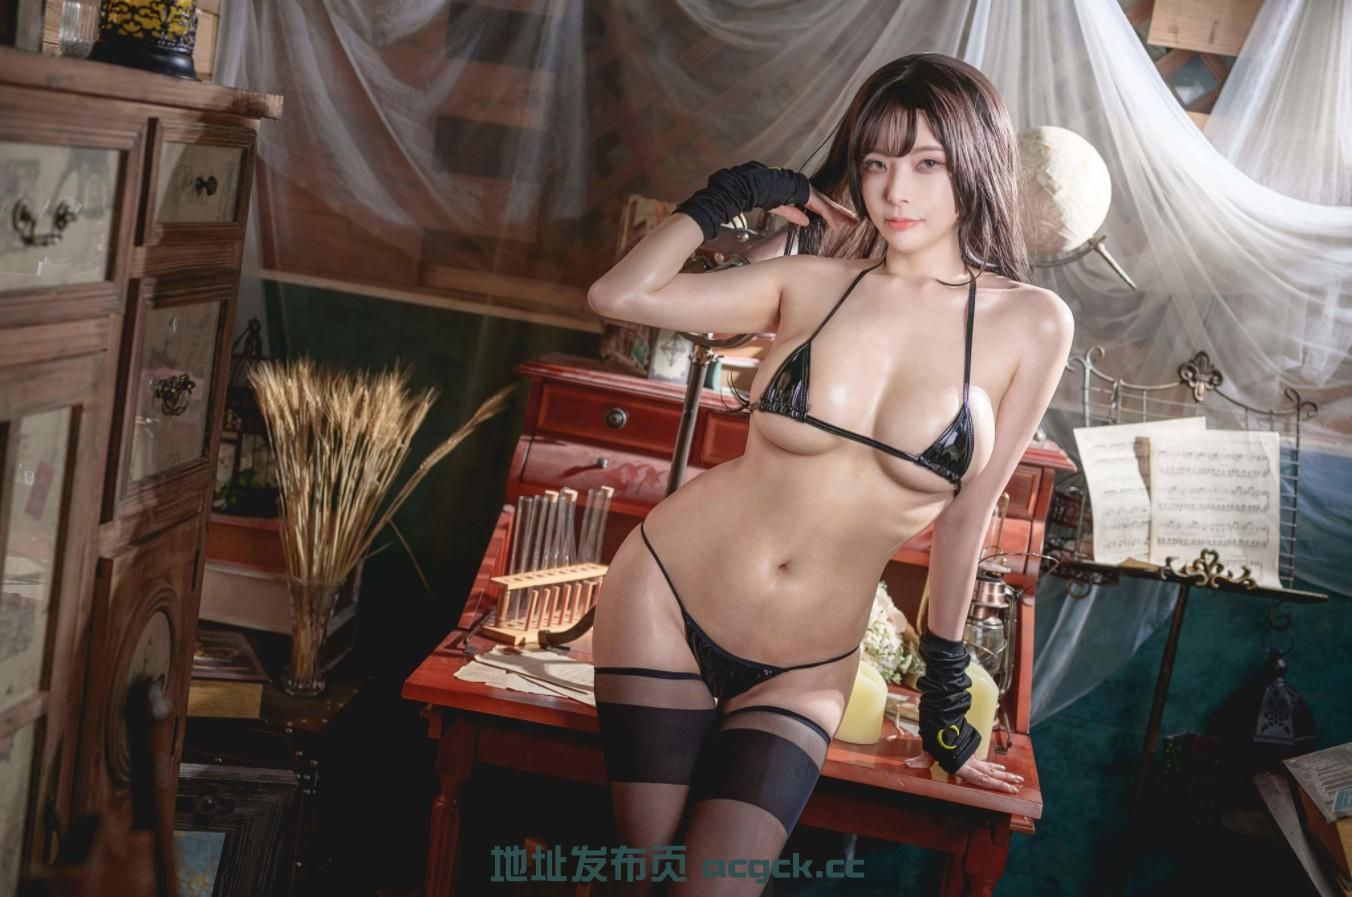 【神级COS】微博网红:秋和柯基 极品COS!6套最全合集【超赞御姐/极品身材/3G】